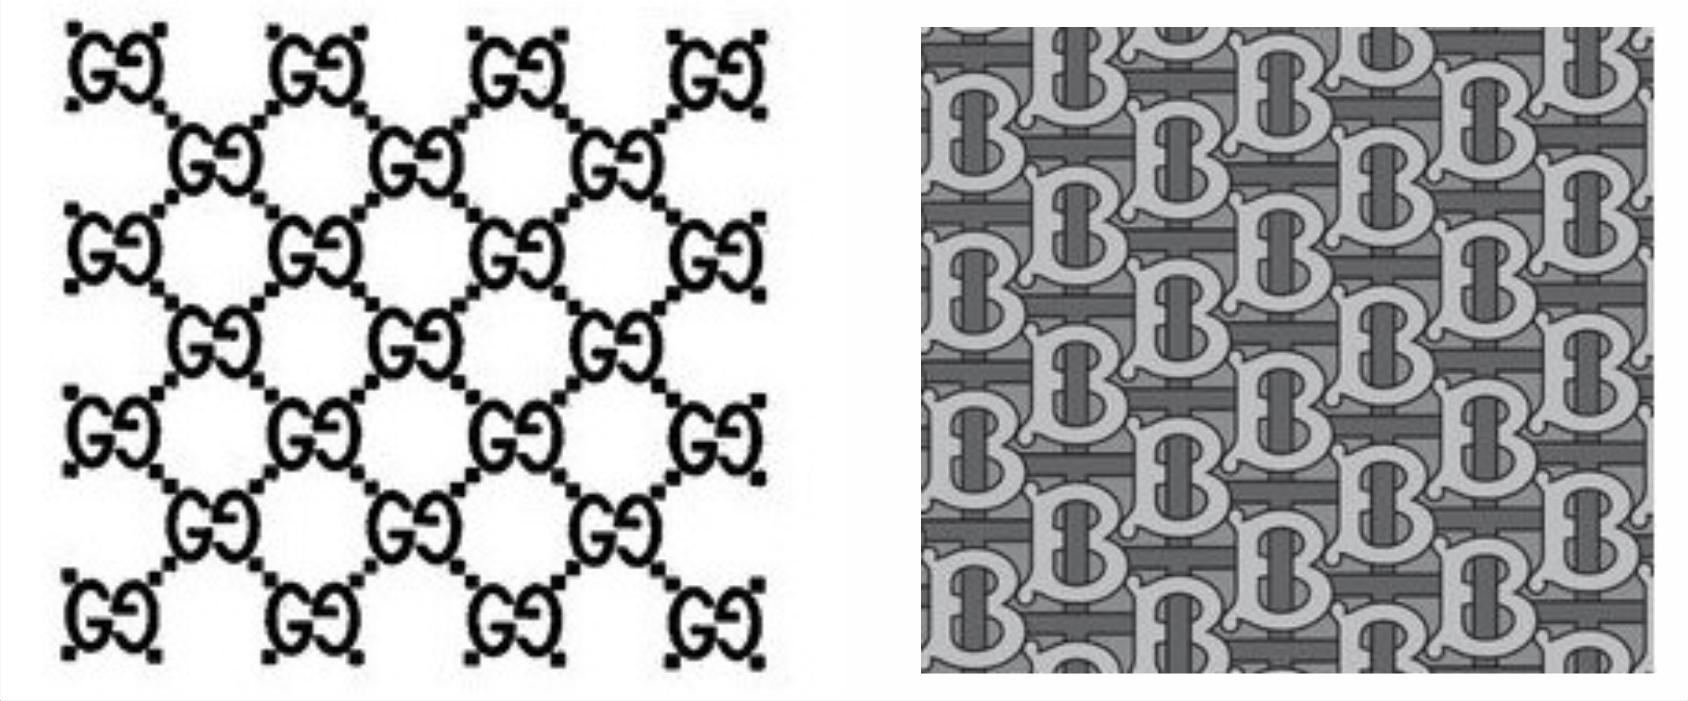 Nákresy dvou vzorů